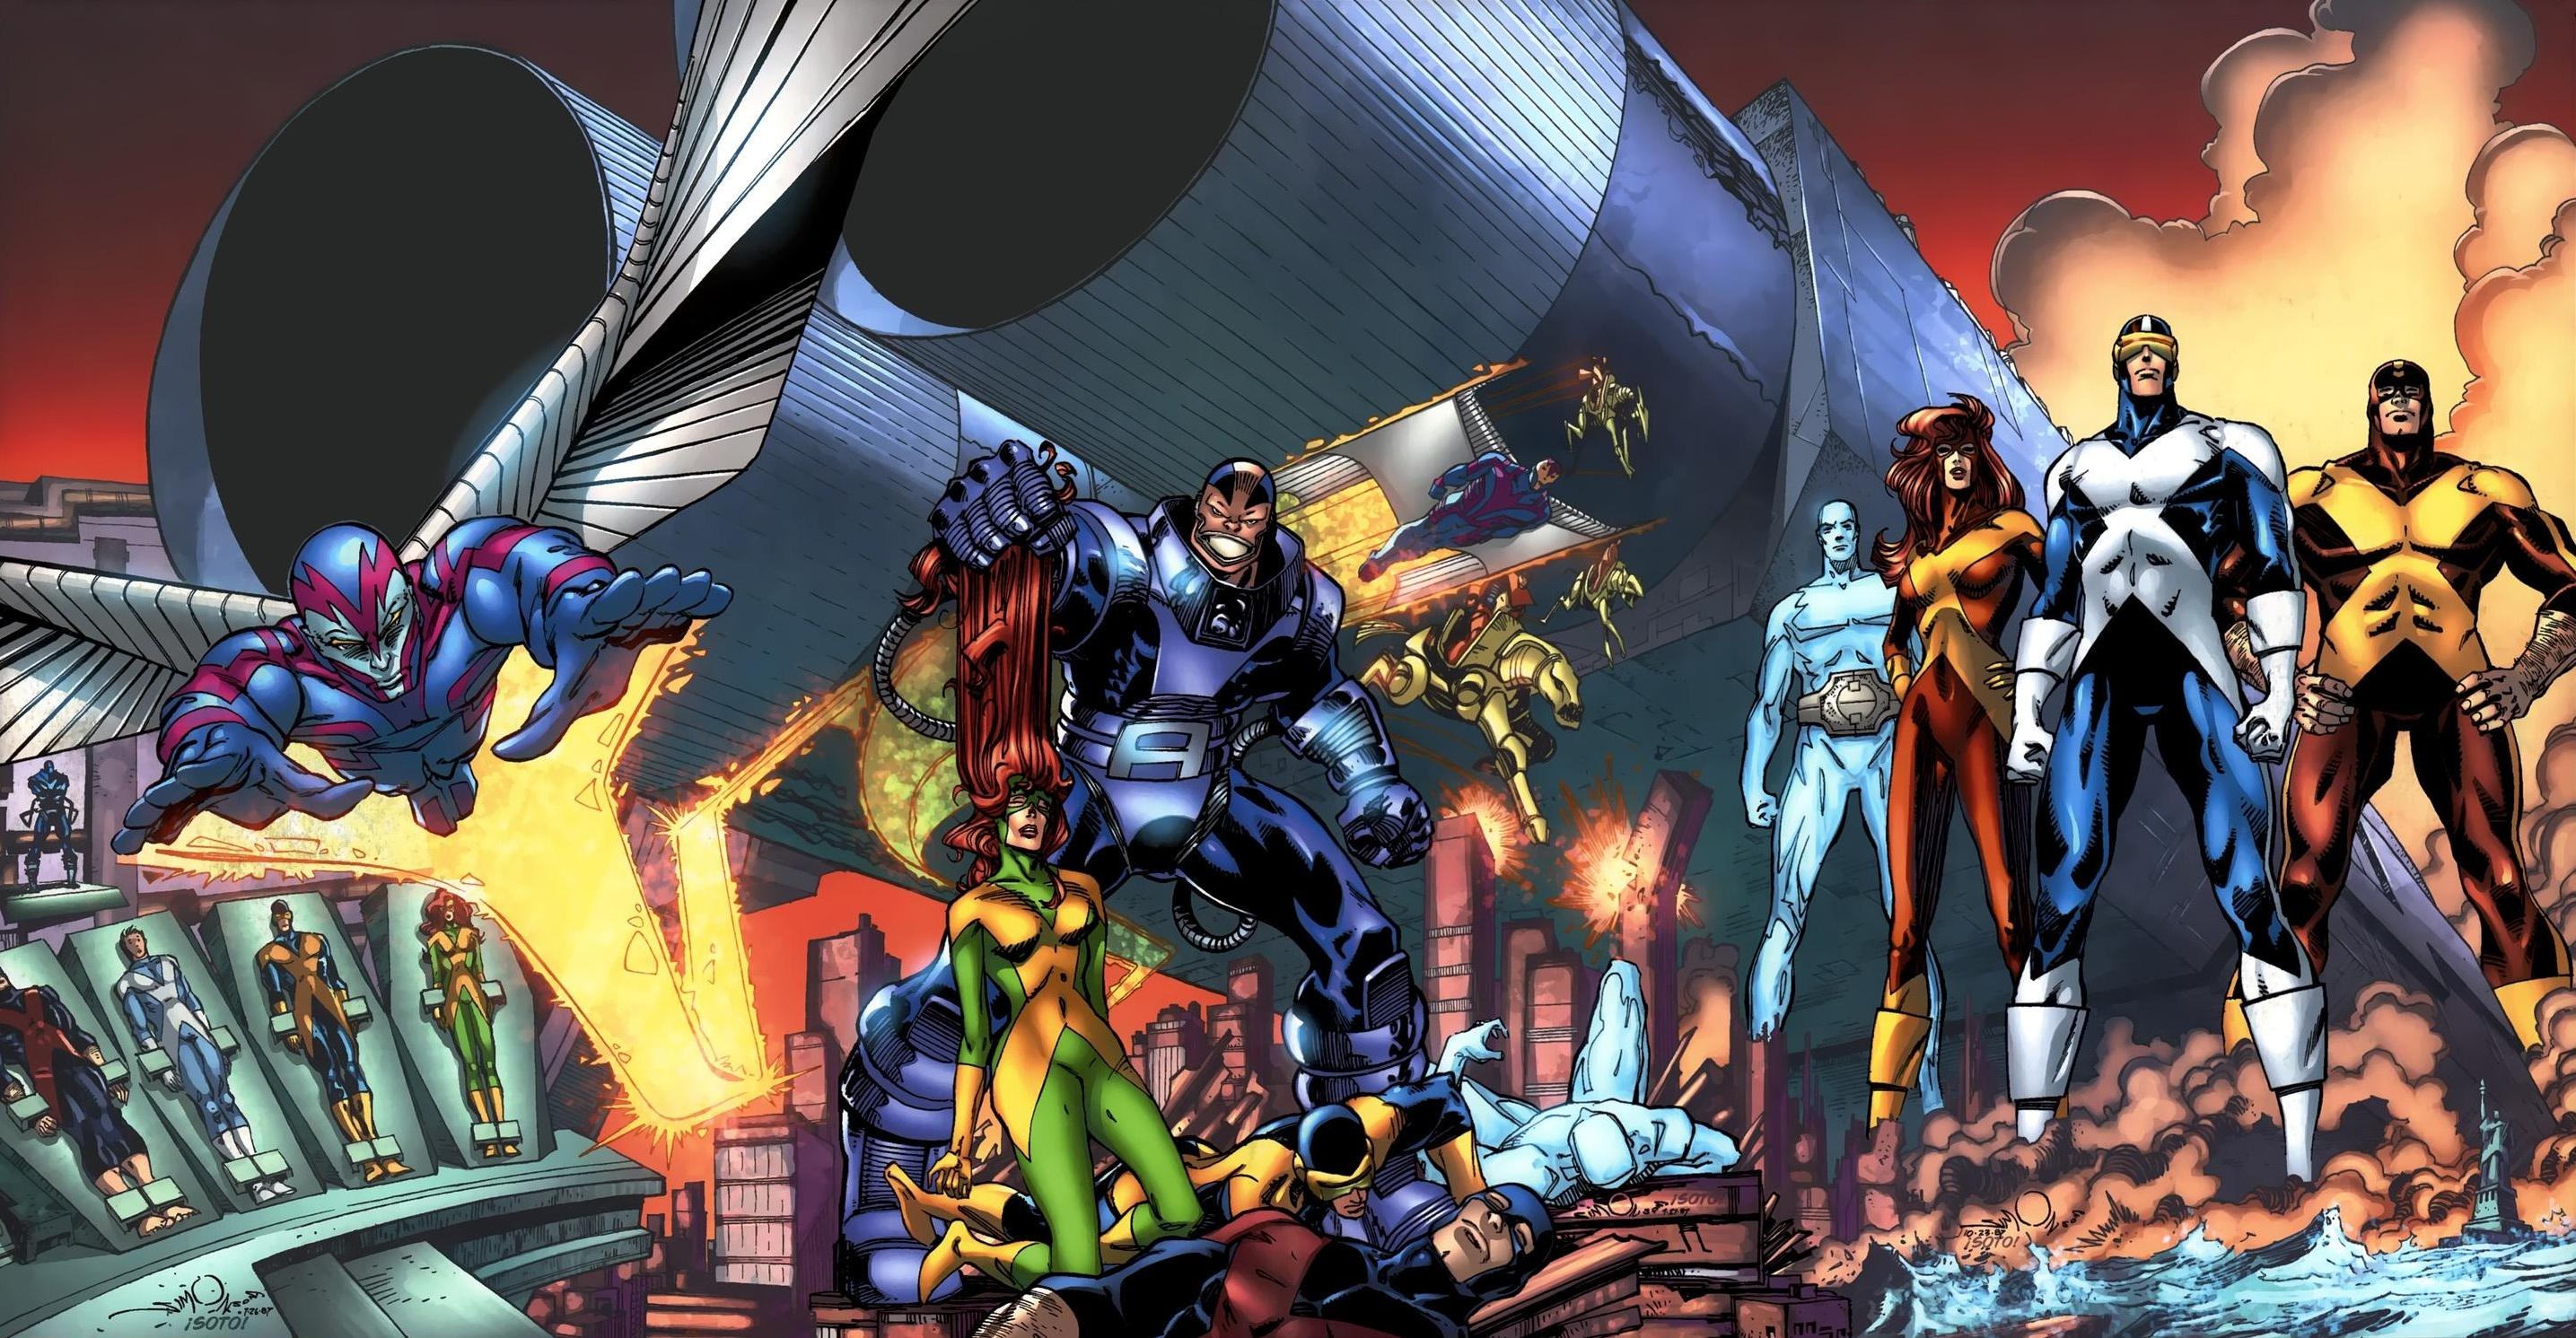 x-men-apocalipse-comparação-hq-filme-dionisio-arte-2